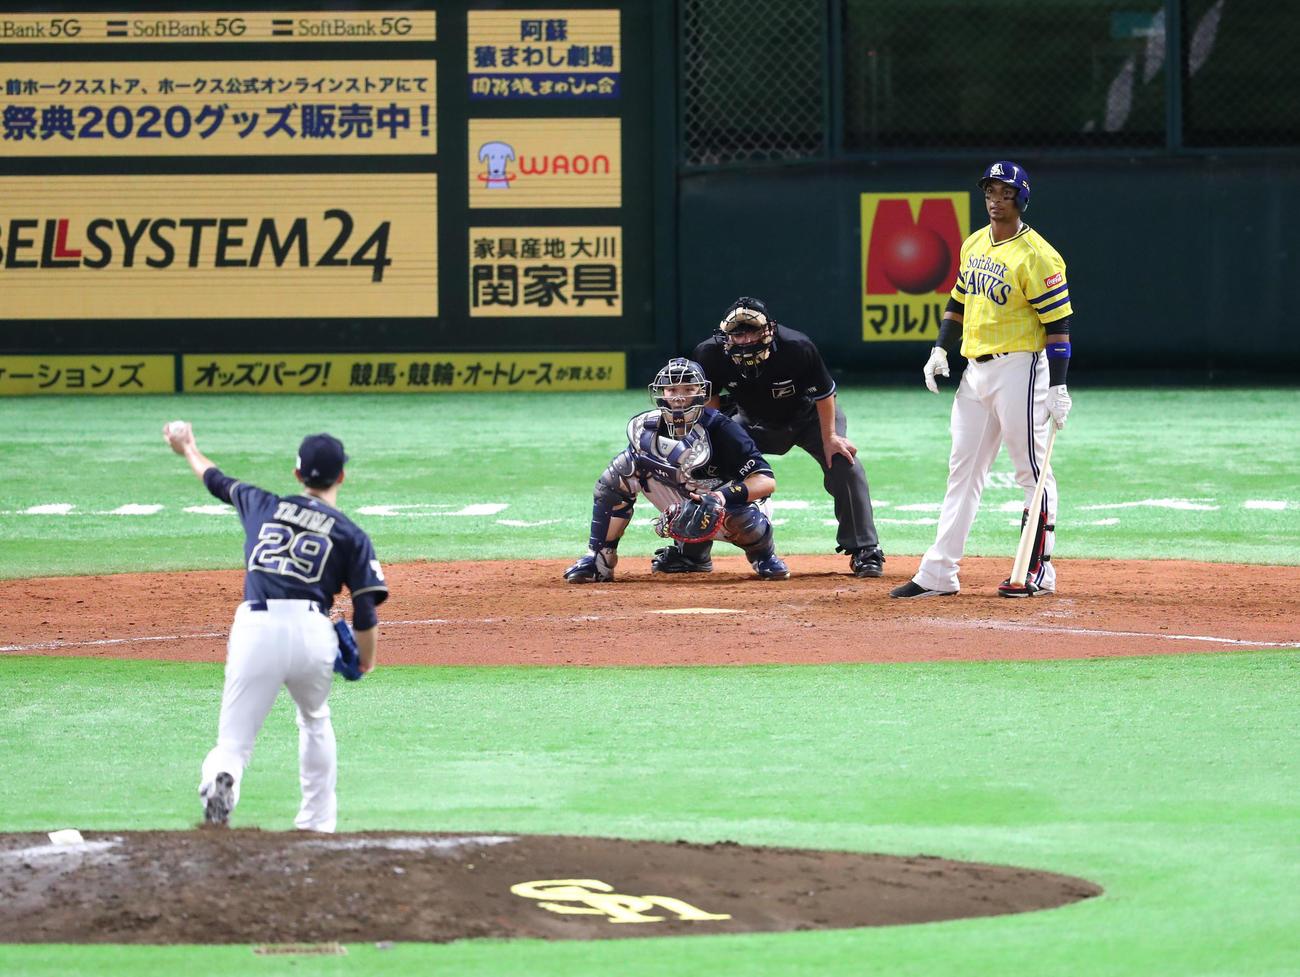 田嶋が4球目を投げようとしたとき、グラシアルがタイムを要求、田嶋は投球動作に入っていたが、ボールを投げずに動きを中断(撮影・梅根麻紀)